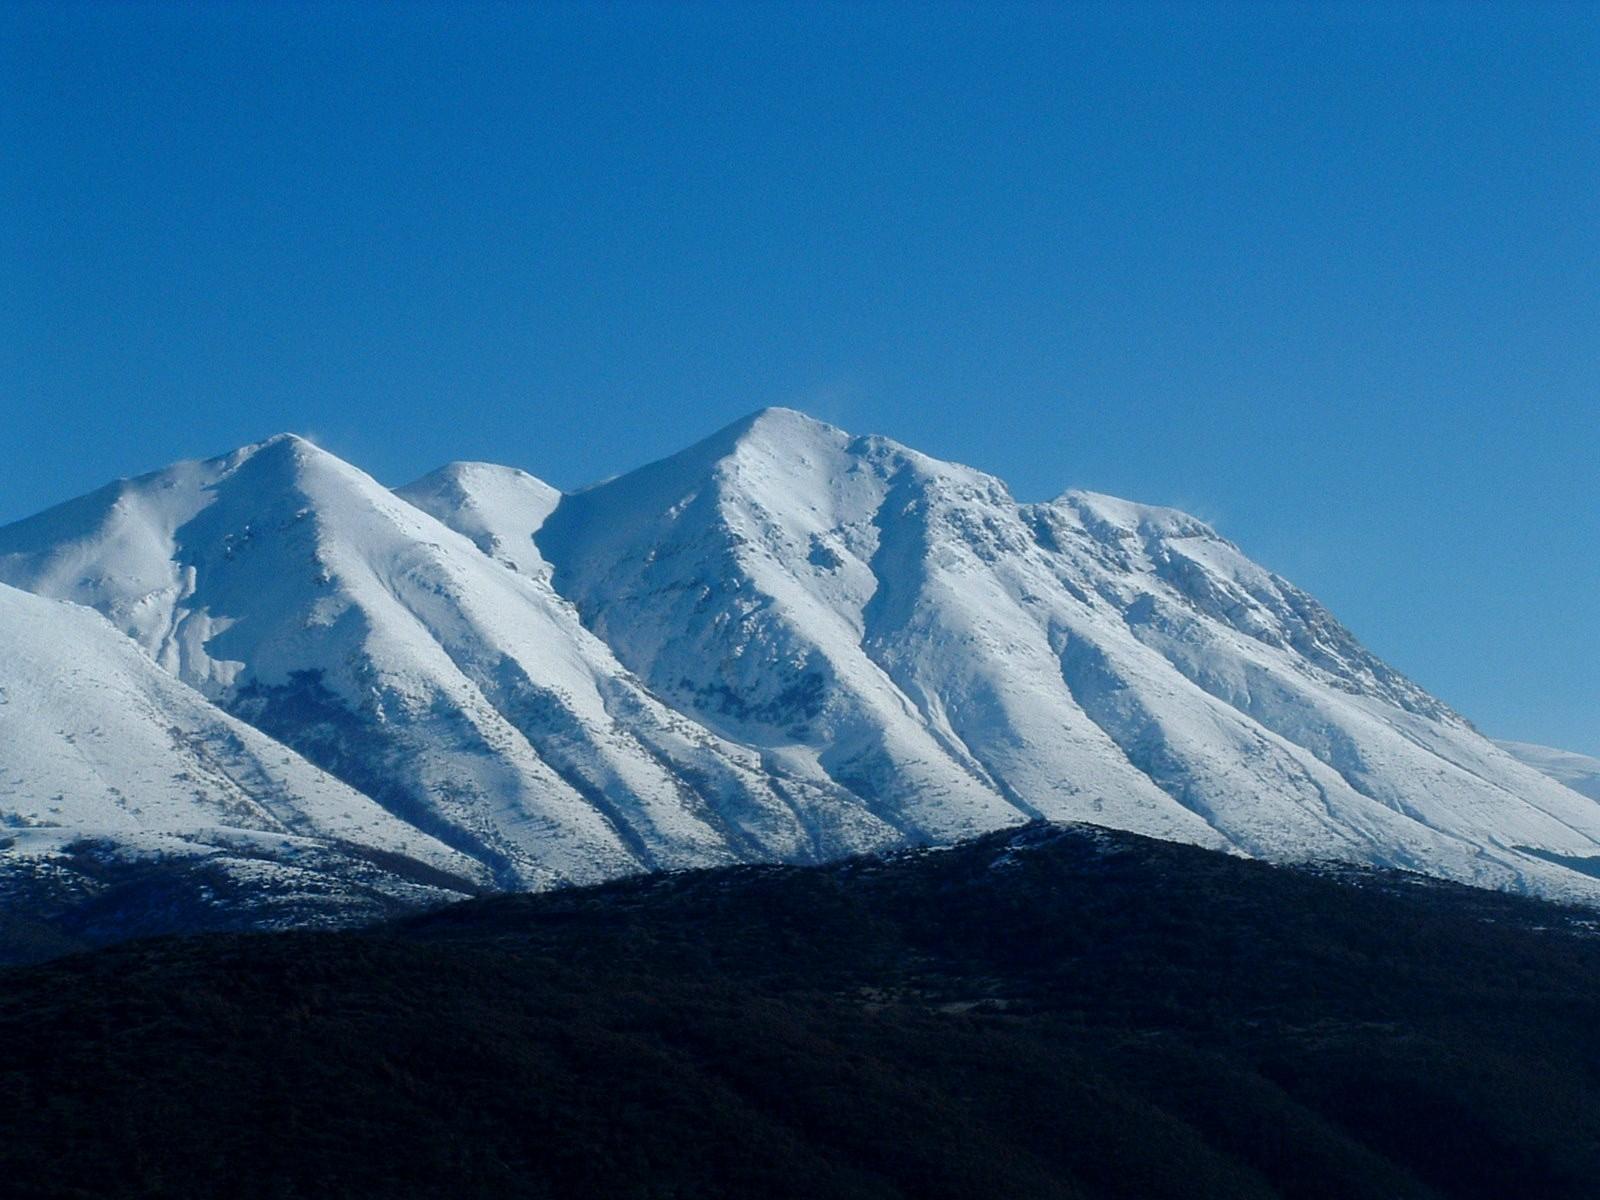 """Riserva Naturale Statale """"Monte Velino"""": le specie e gli habitat naturali devono essere protetti da regole chiare"""